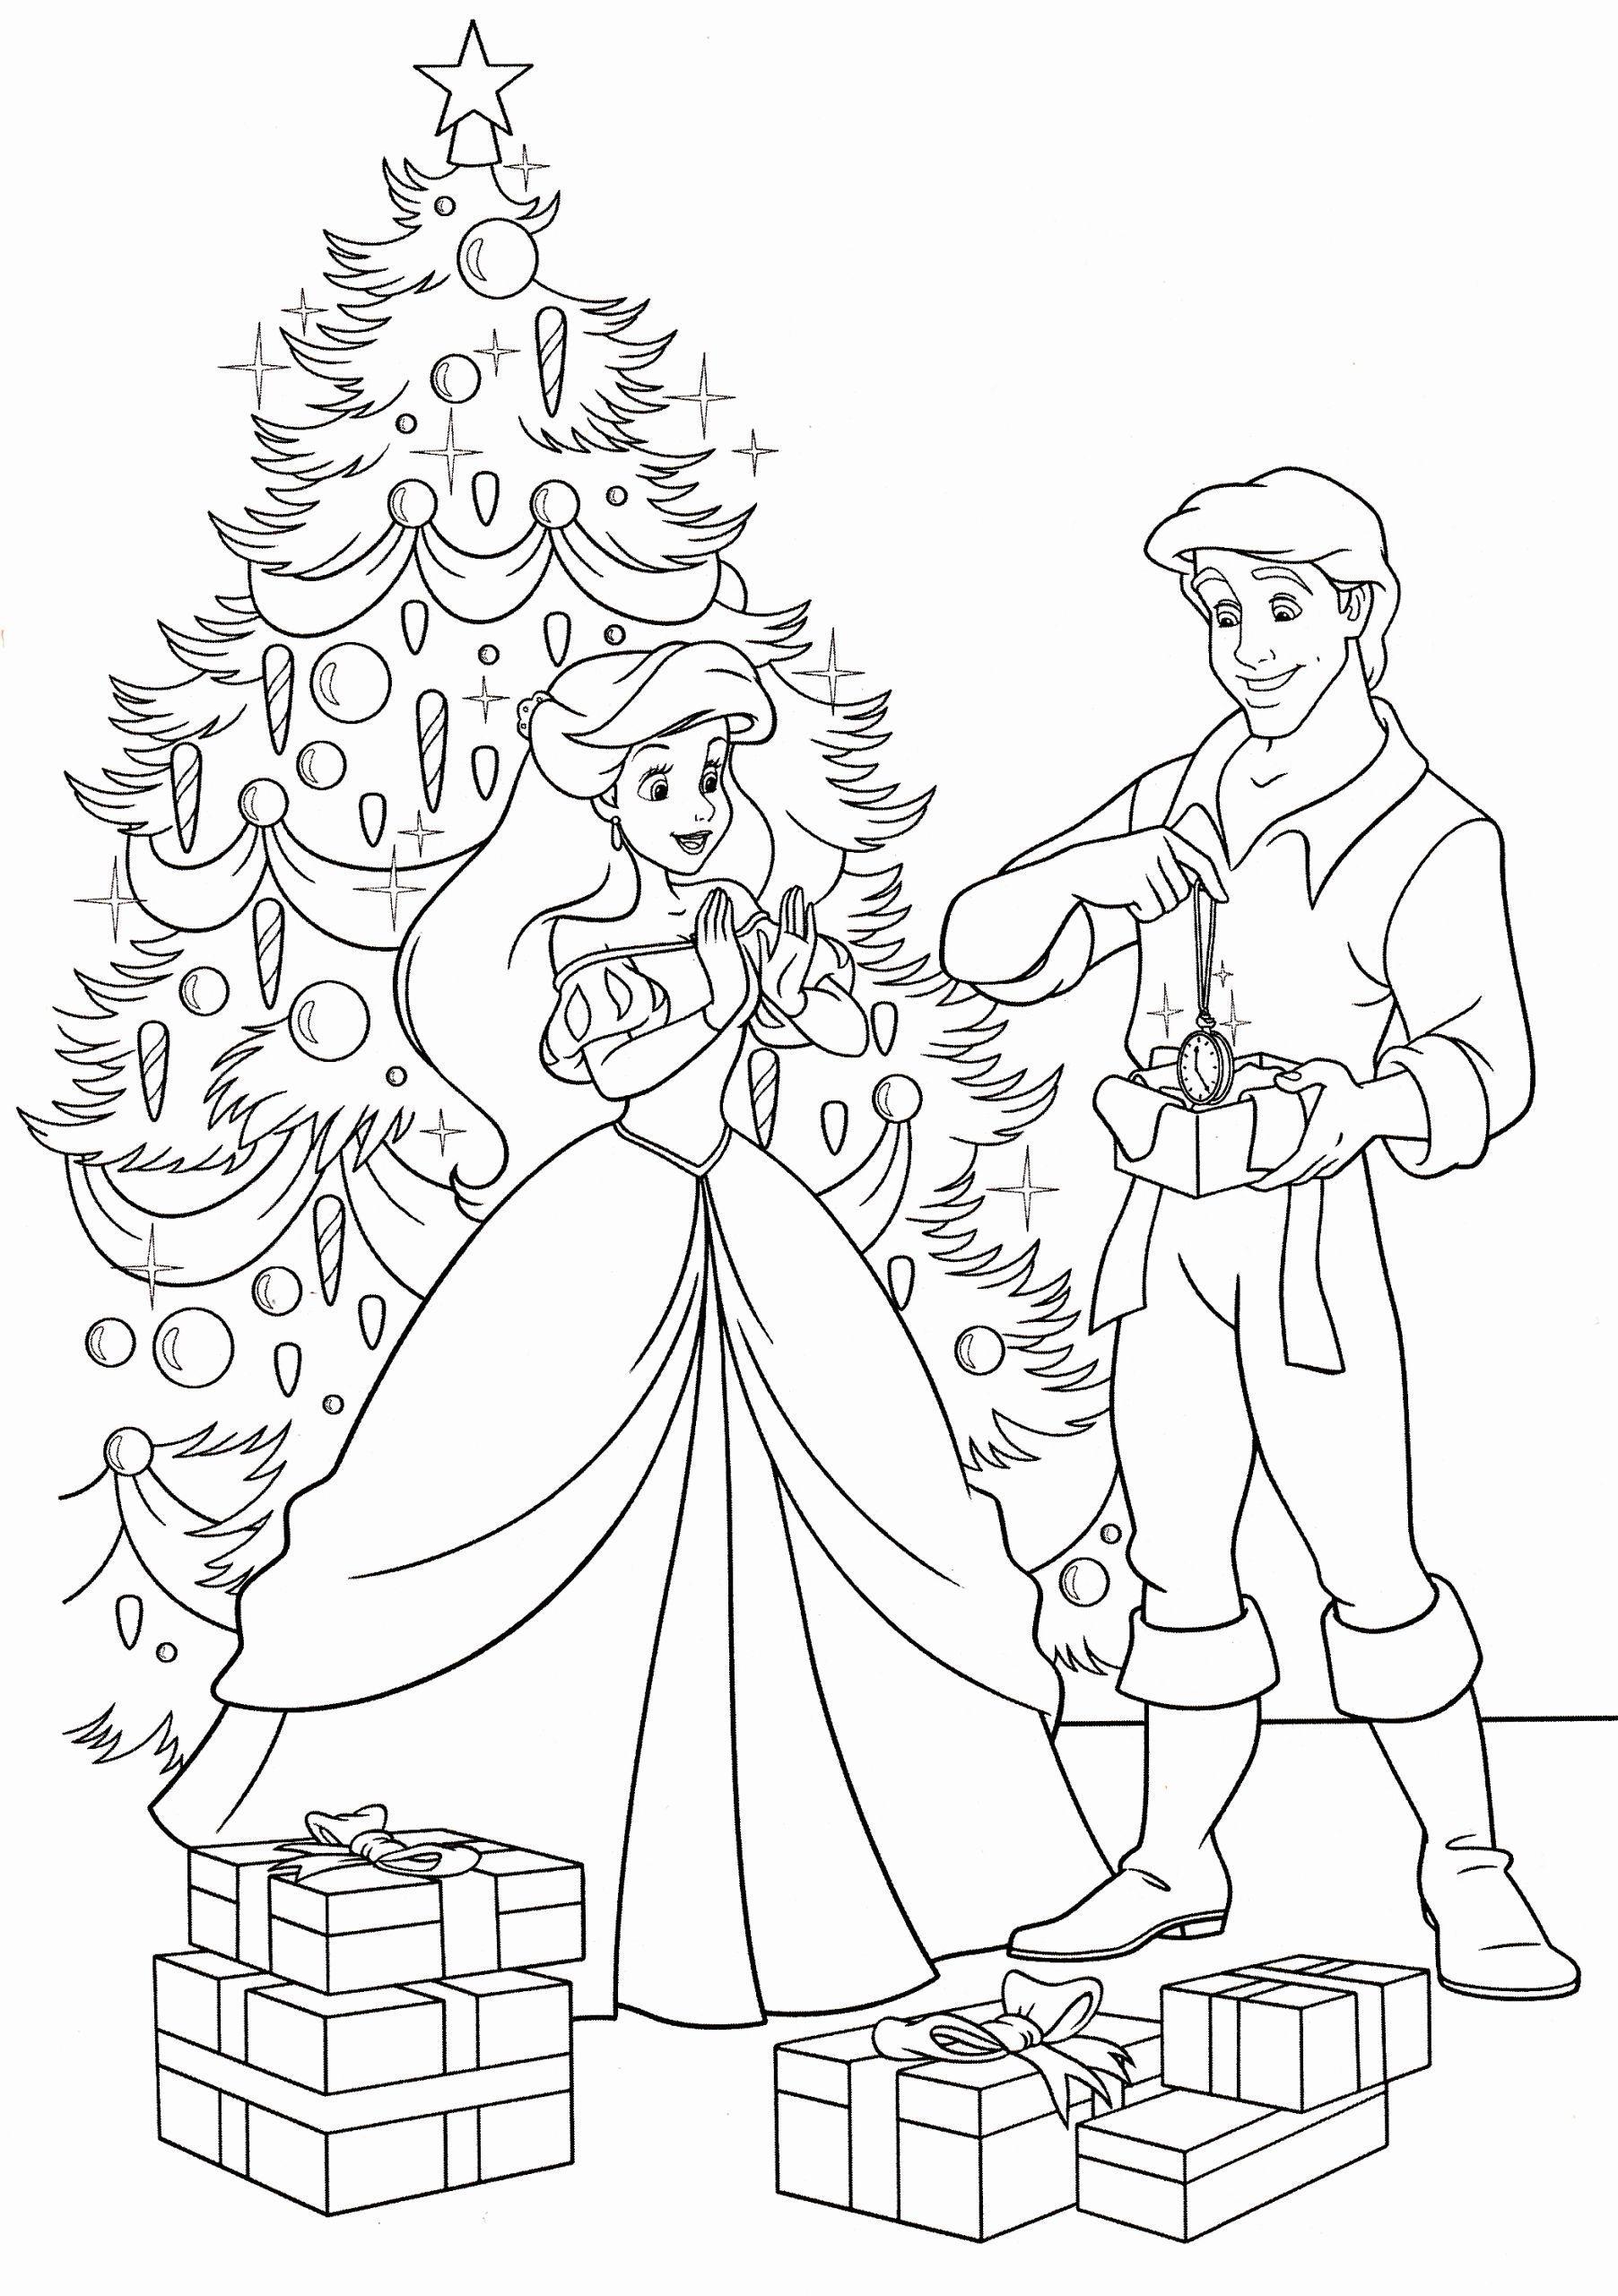 Christmas Coloring Page Disney Christmas Printable Christmas Coloring Pages Disney Coloring Pages Christmas Coloring Pages